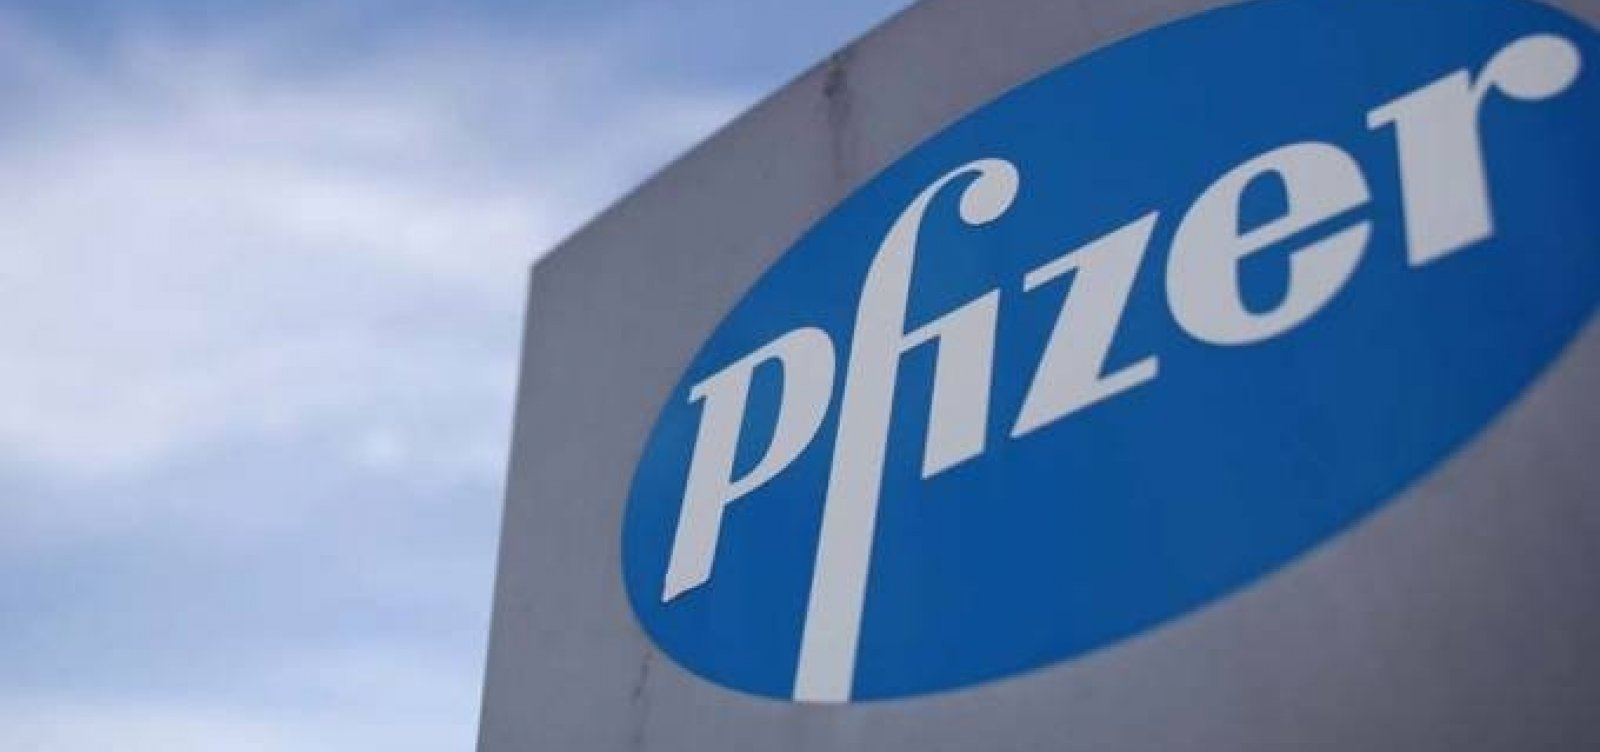 Em comunicado, Pfizer diz que sua vacina contra Covid-19 é segura e protege crianças